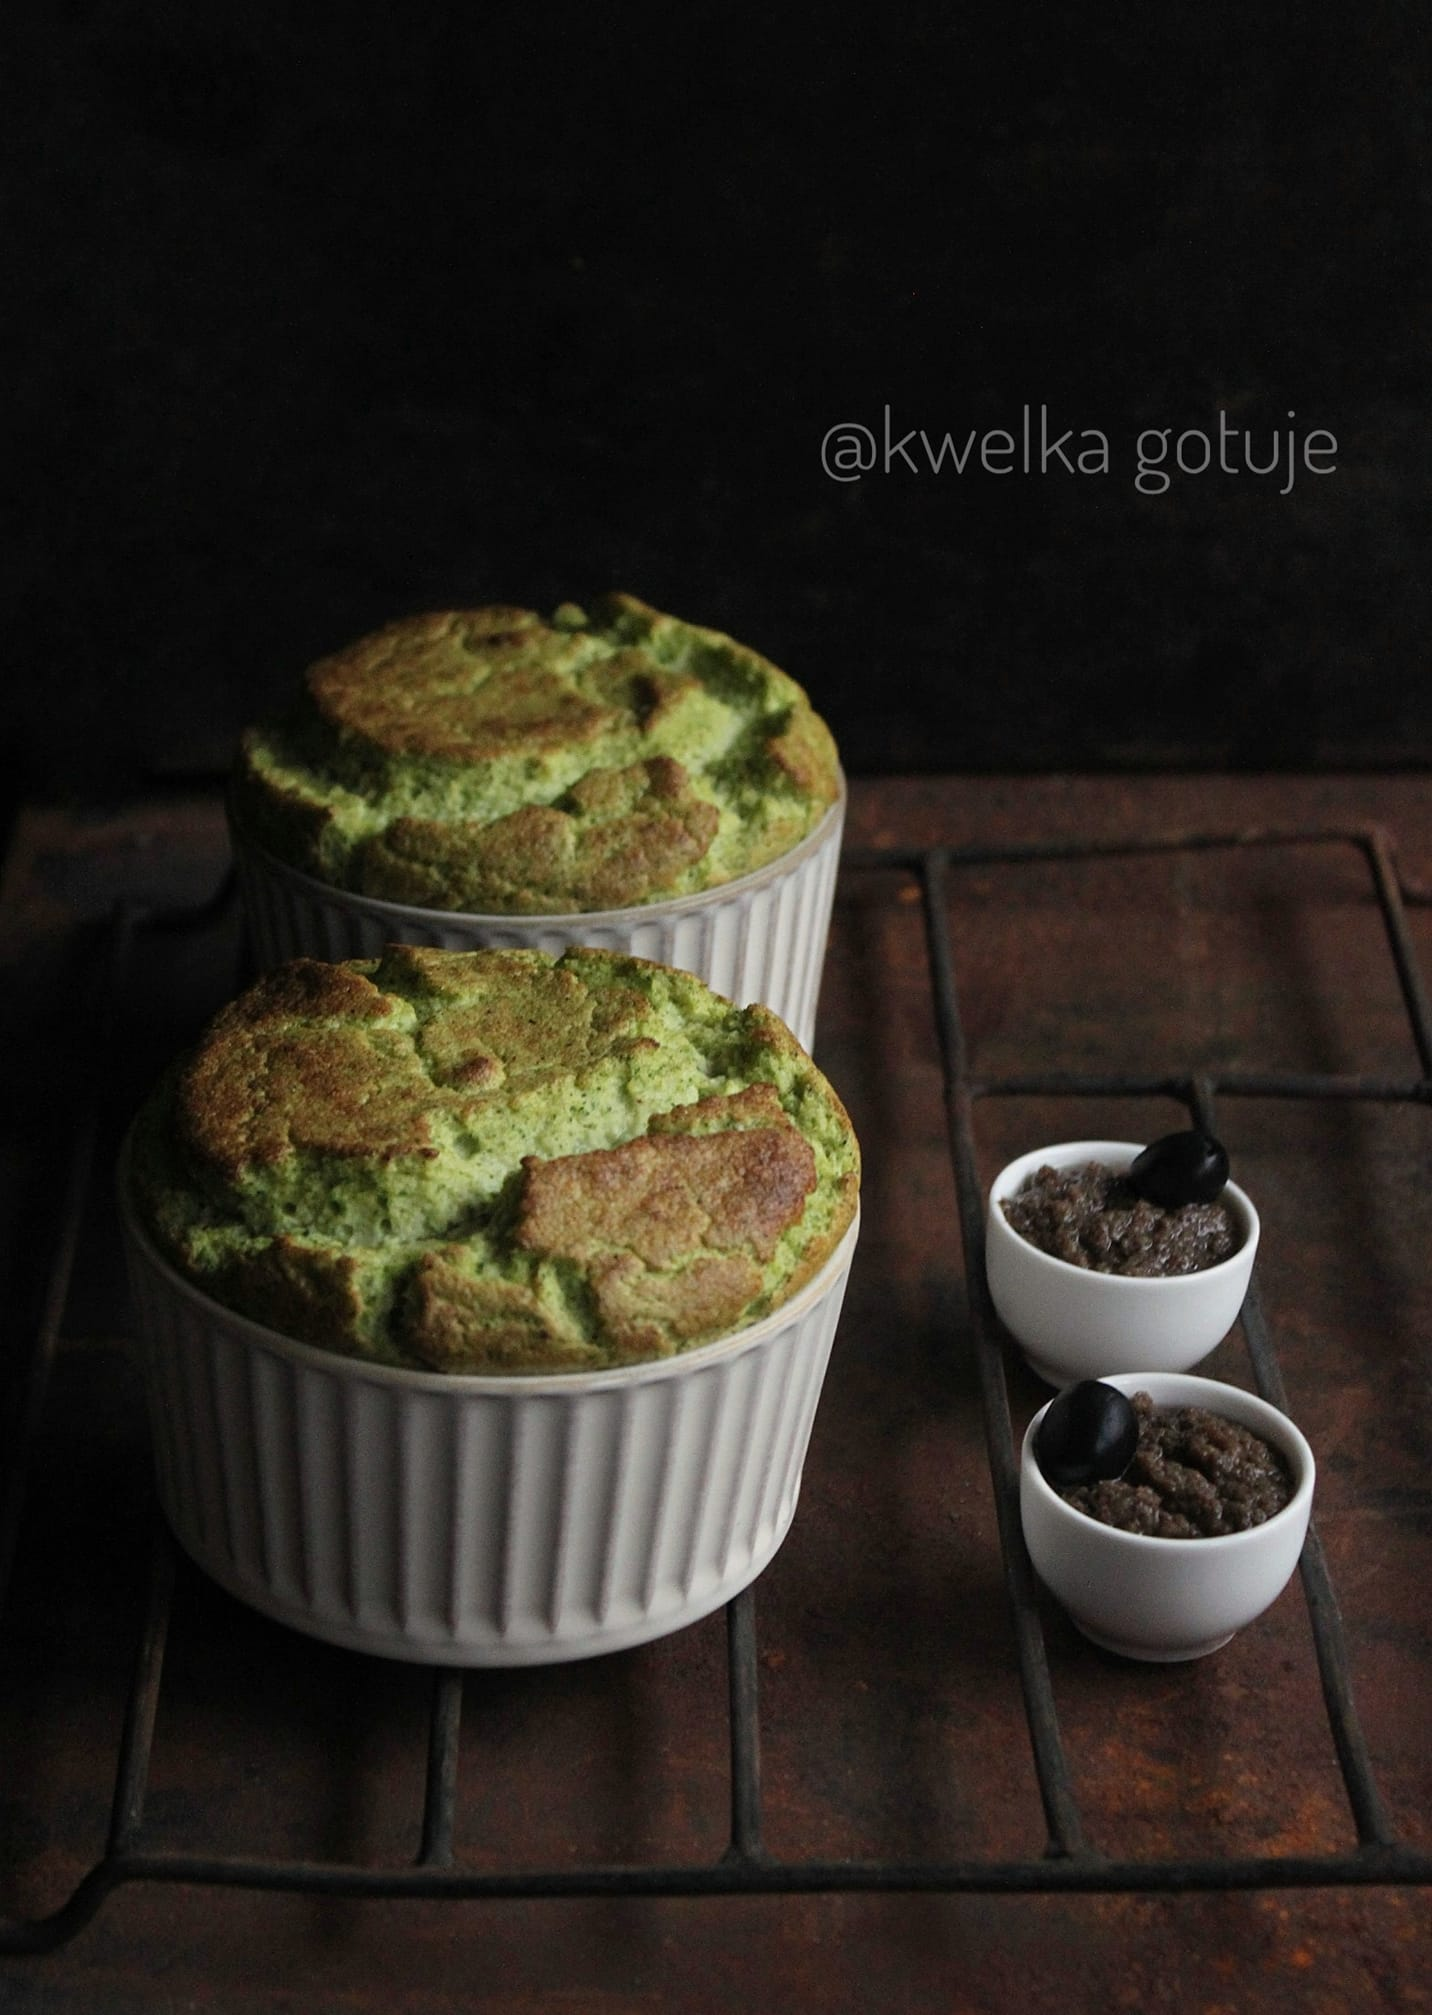 Suflet brokułowy z oliwkowym puree